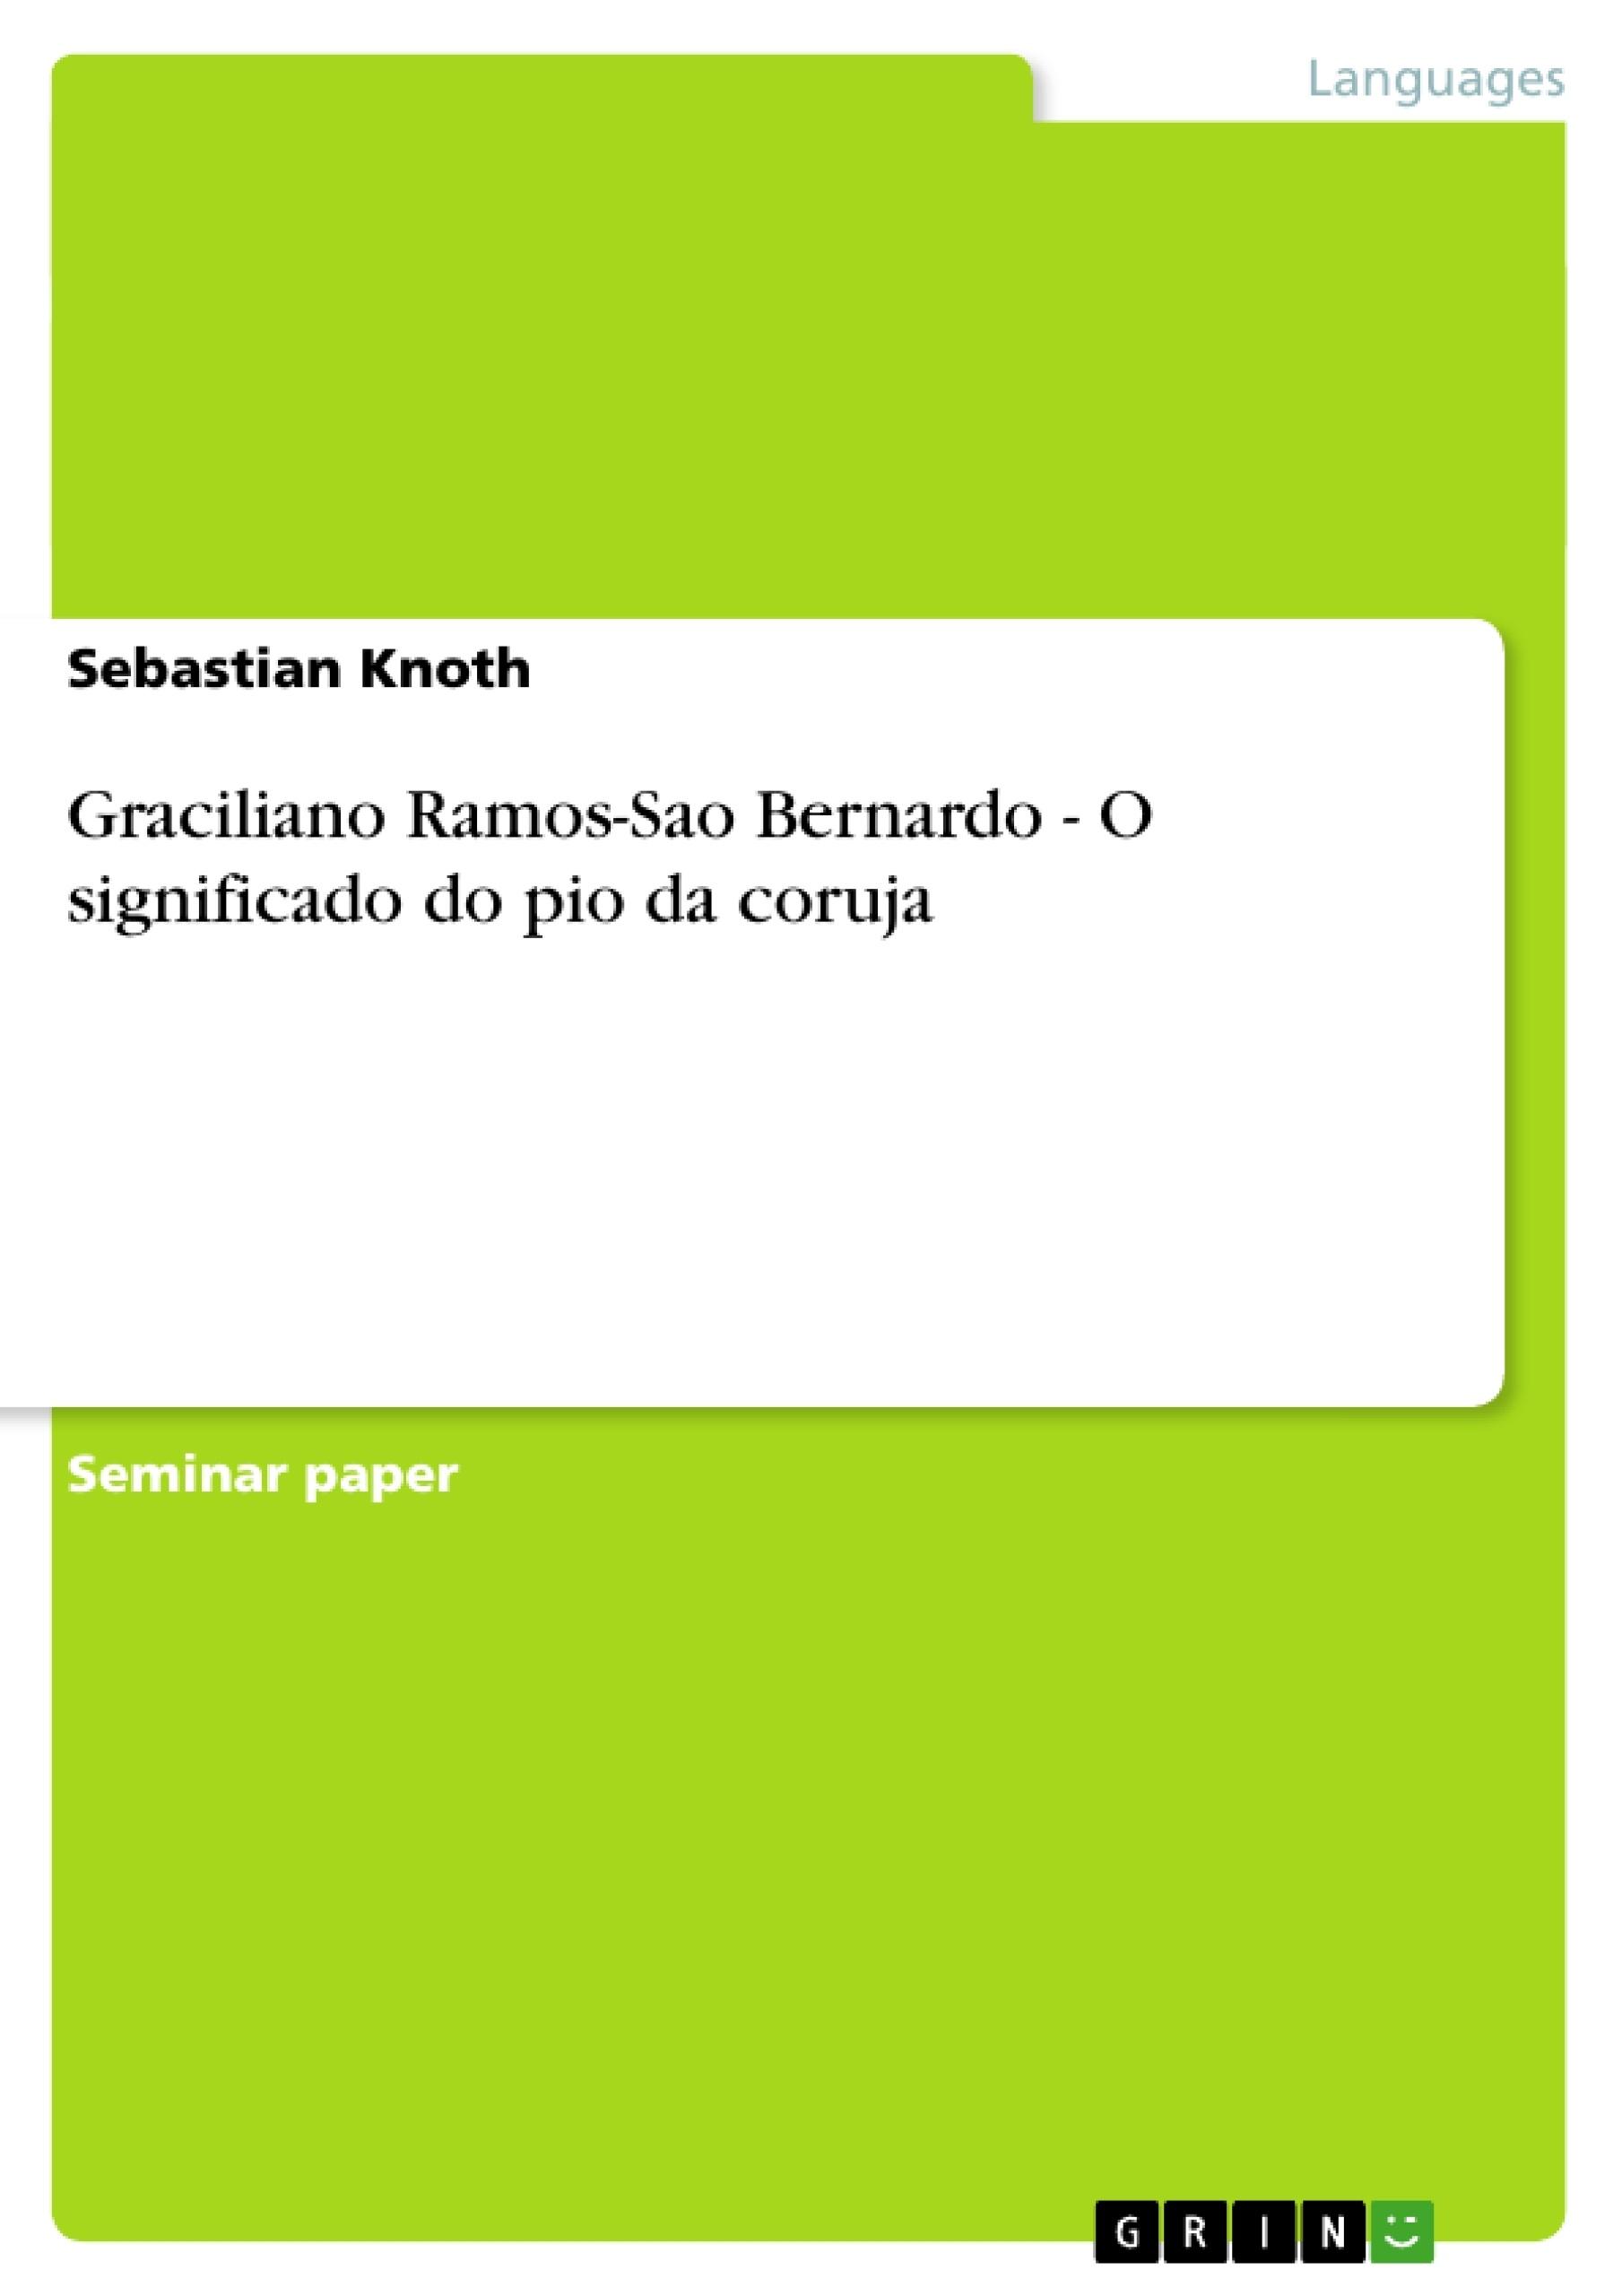 Title: Graciliano Ramos-Sao Bernardo - O significado do pio da coruja